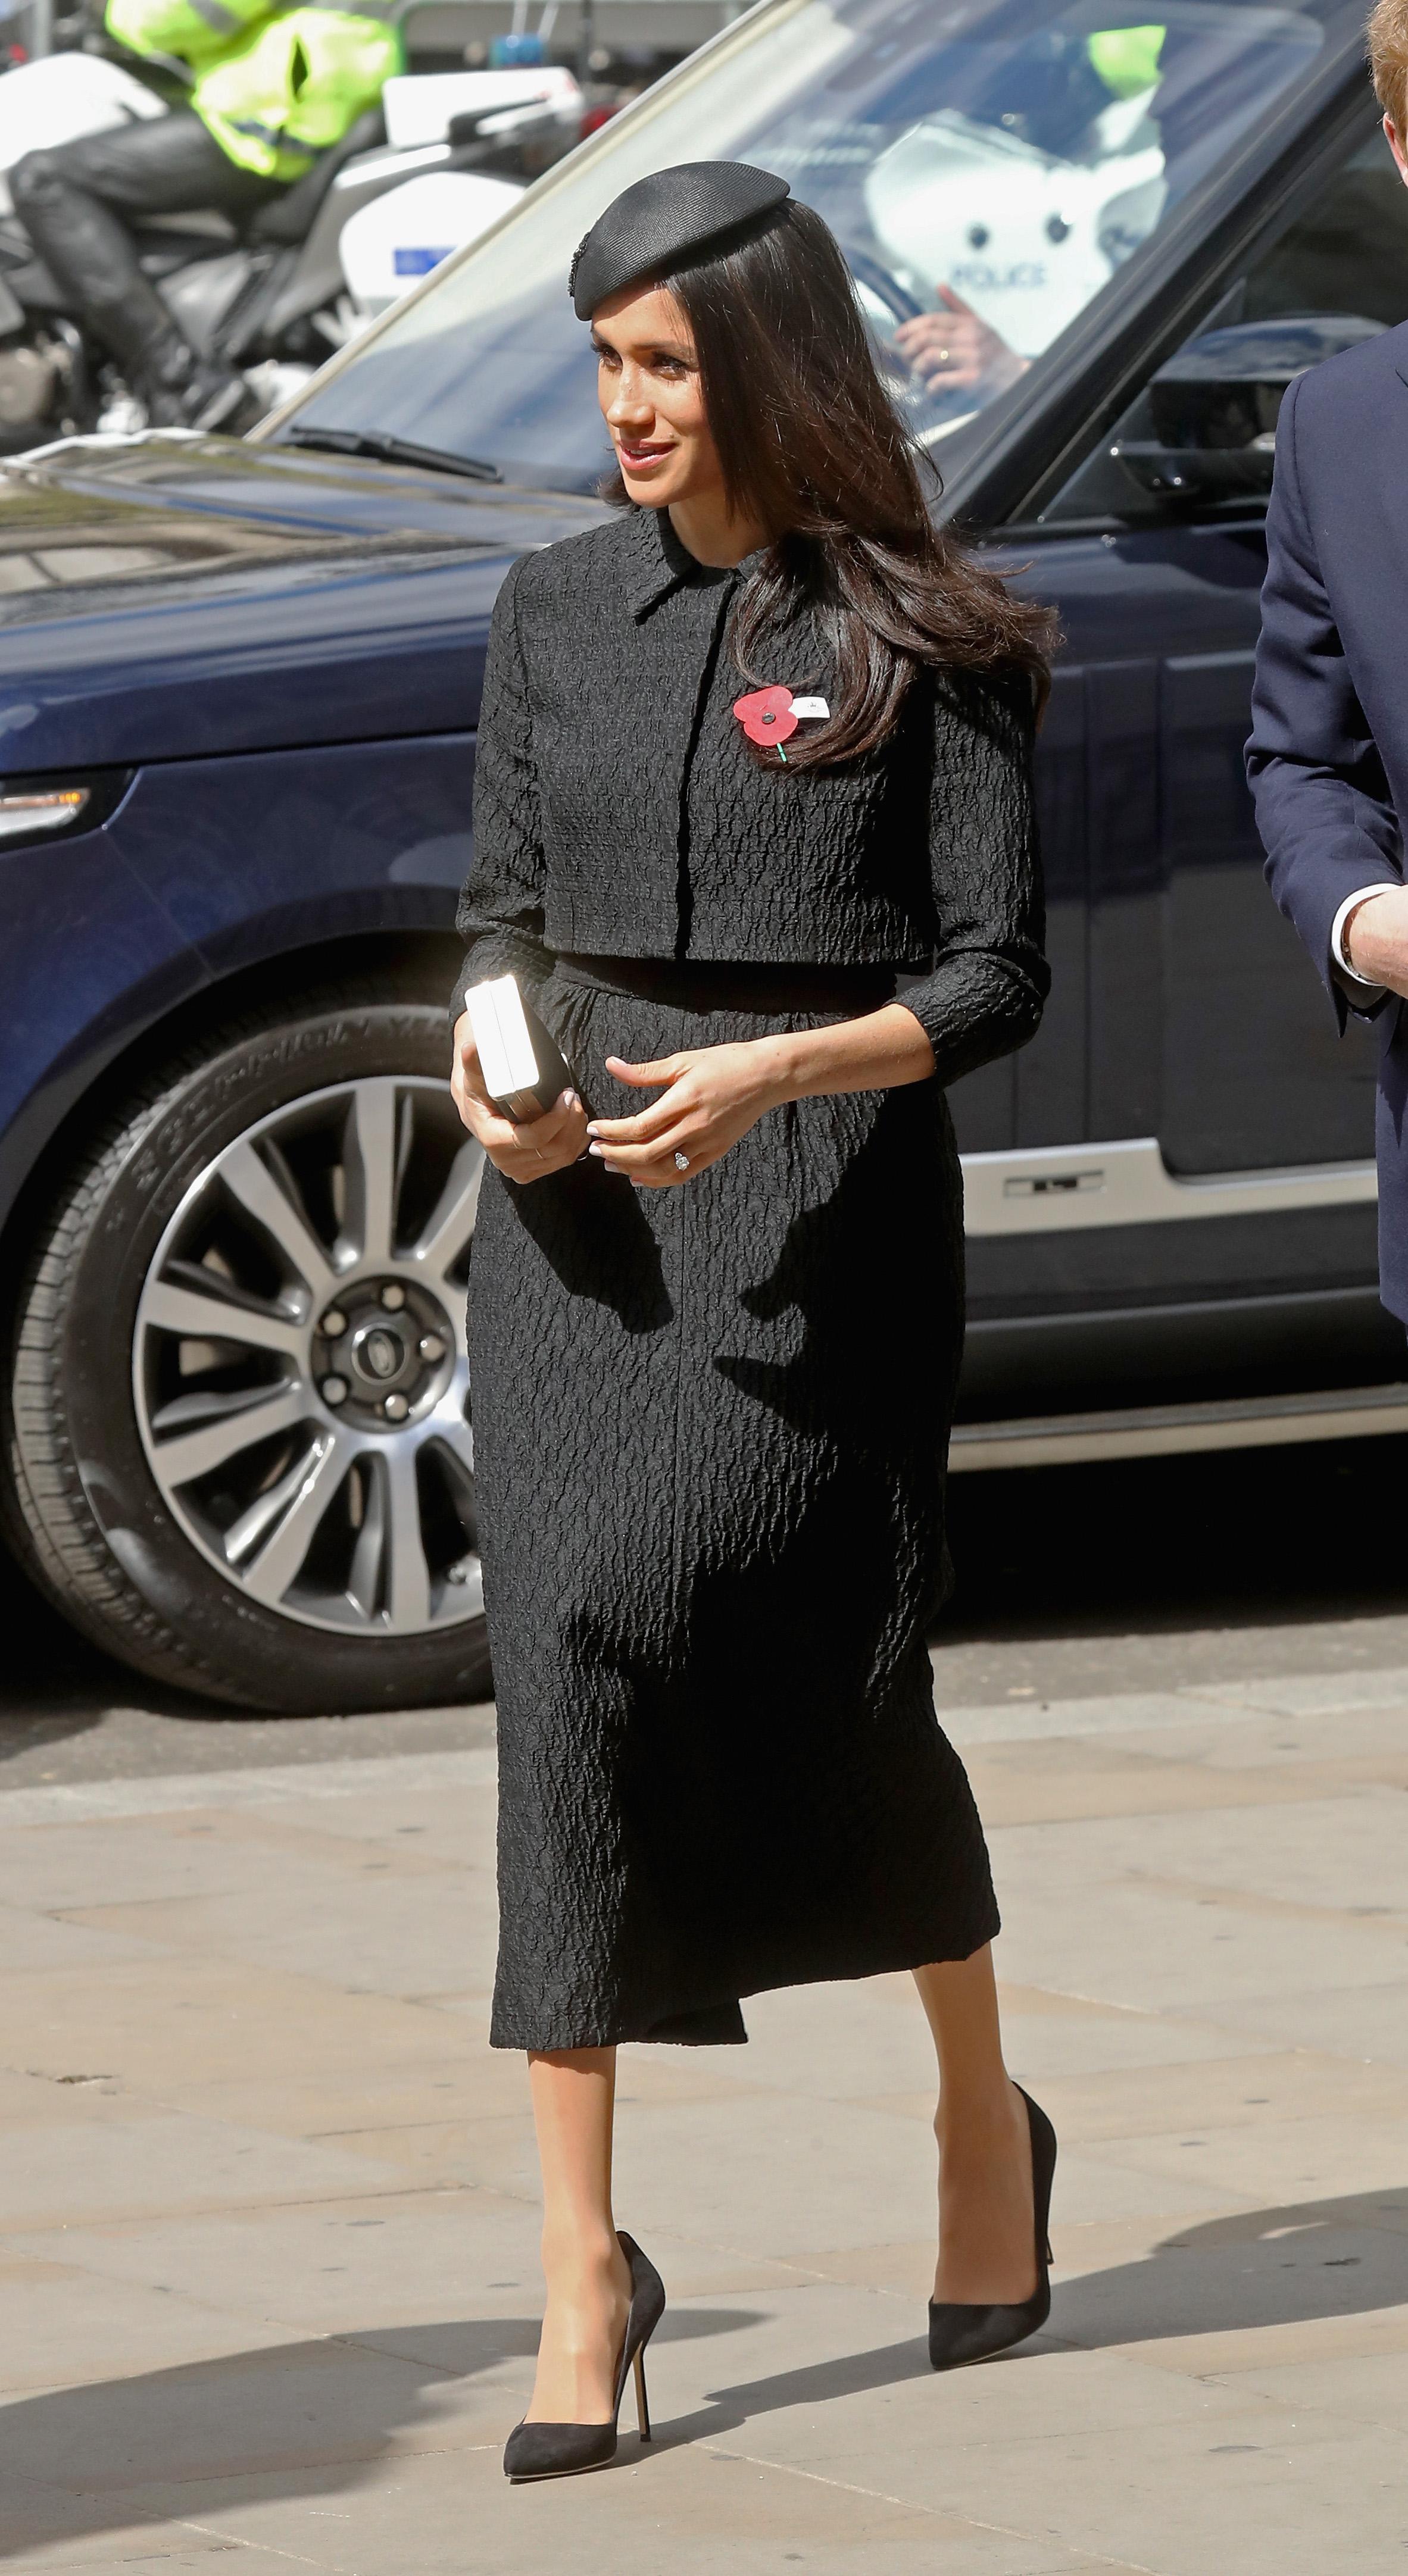 Не без тези дрехи Всъщност на Маркъл вече й е забранено да пътува където и да било, без в куфара й удобно да са настанени сет от дрехи за погребение. Причината - всички знаем, че всъщност Елизабет II става кралица докато е на посещение в Кения, тък като баща й принц Джордж VI умира внезапно. Тогава тя едва намира тъмна рокля, с която да излезе от самолета при приземяването си на английска земя.